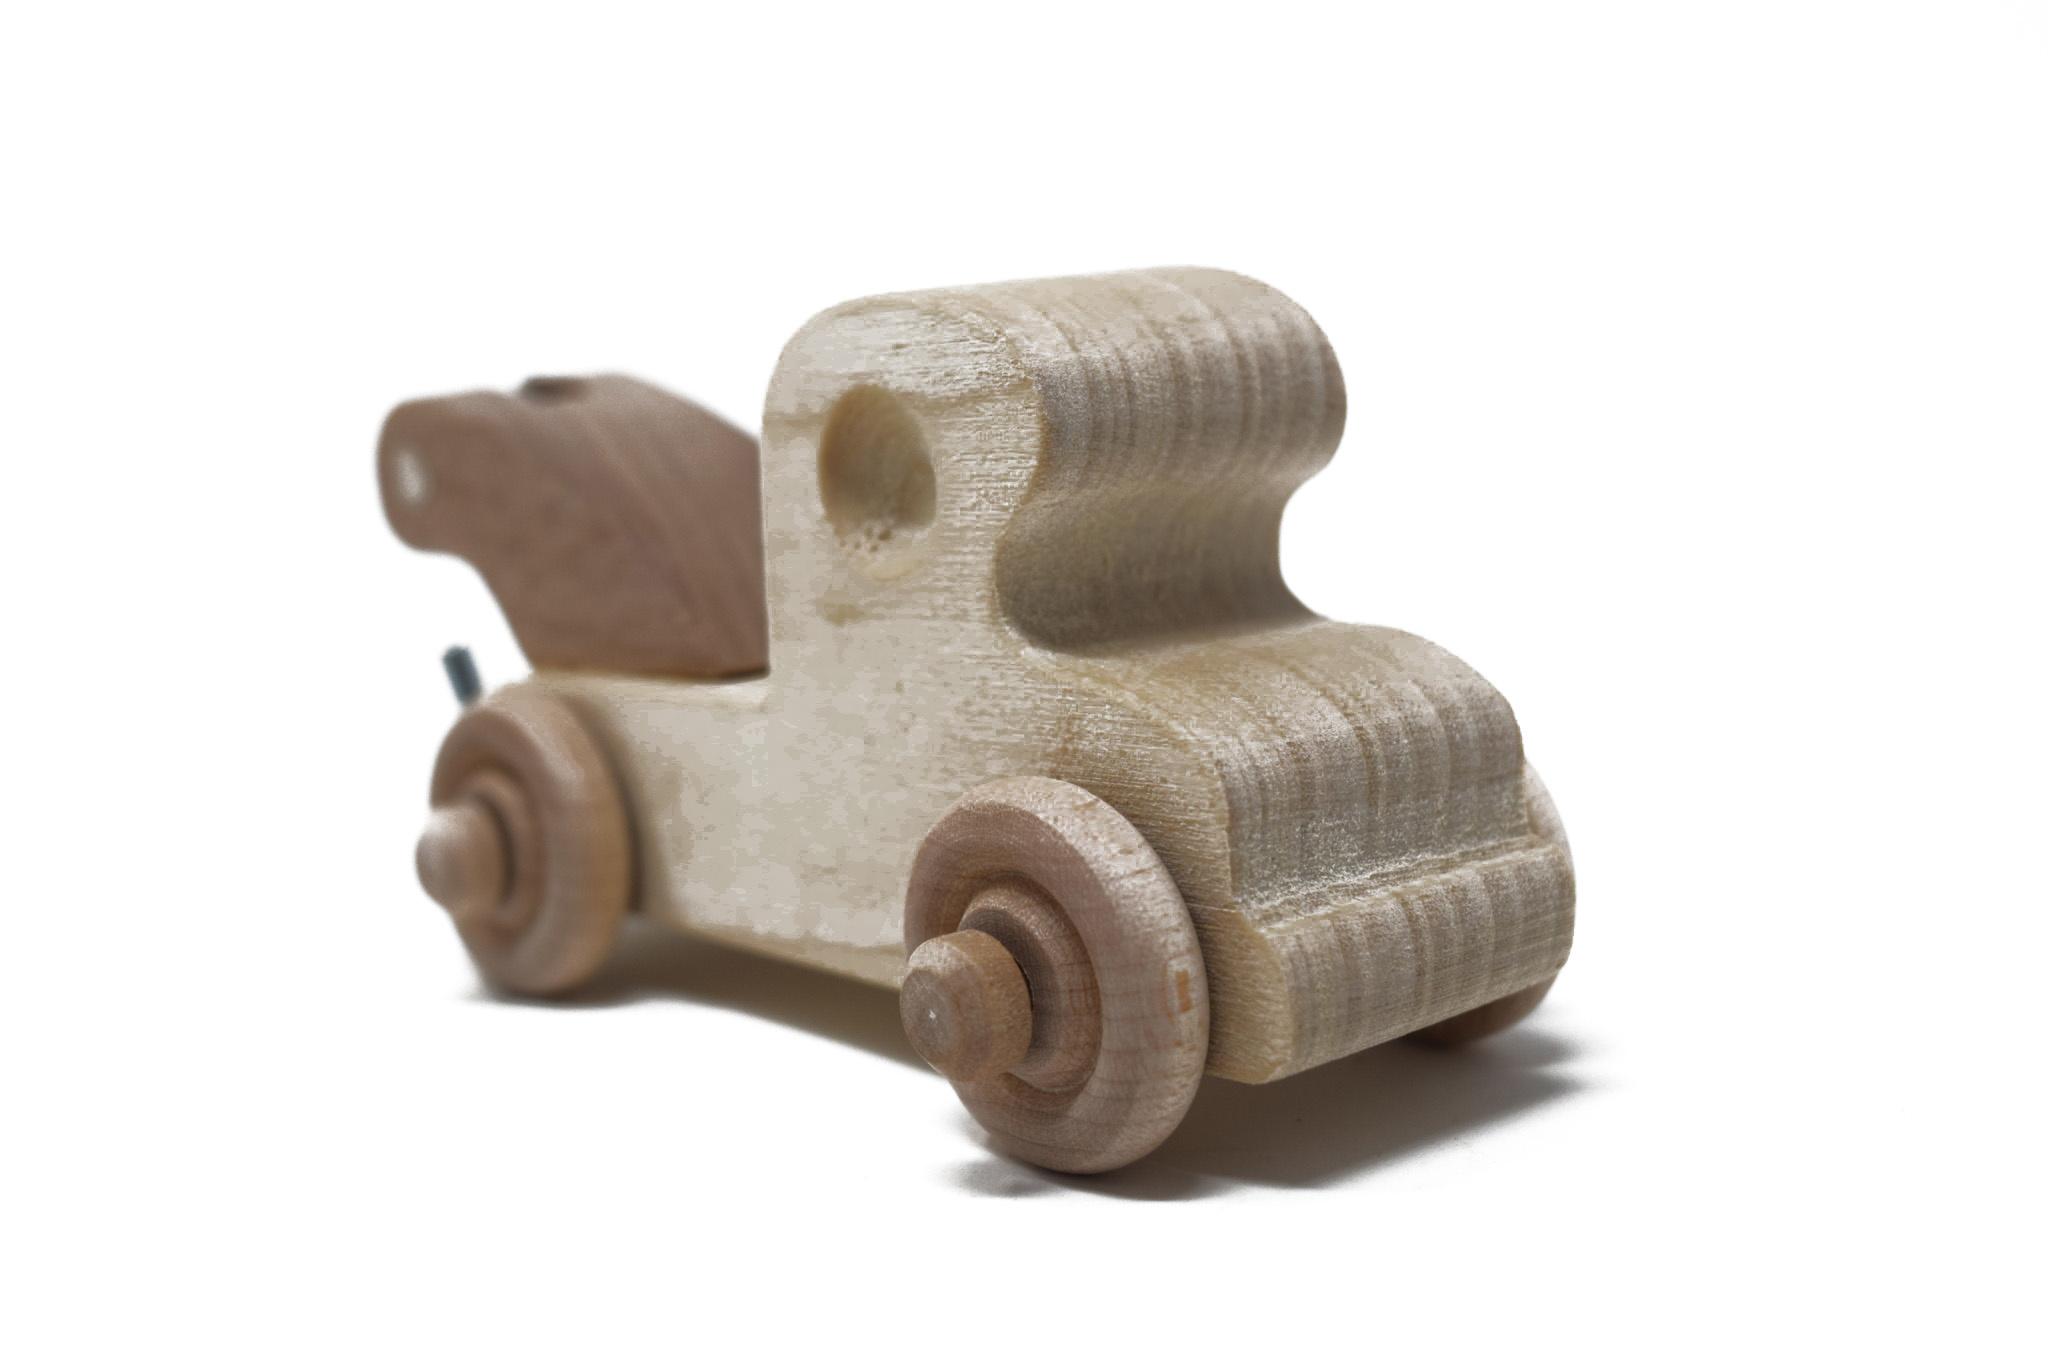 Wooden Wrecker Toy-2